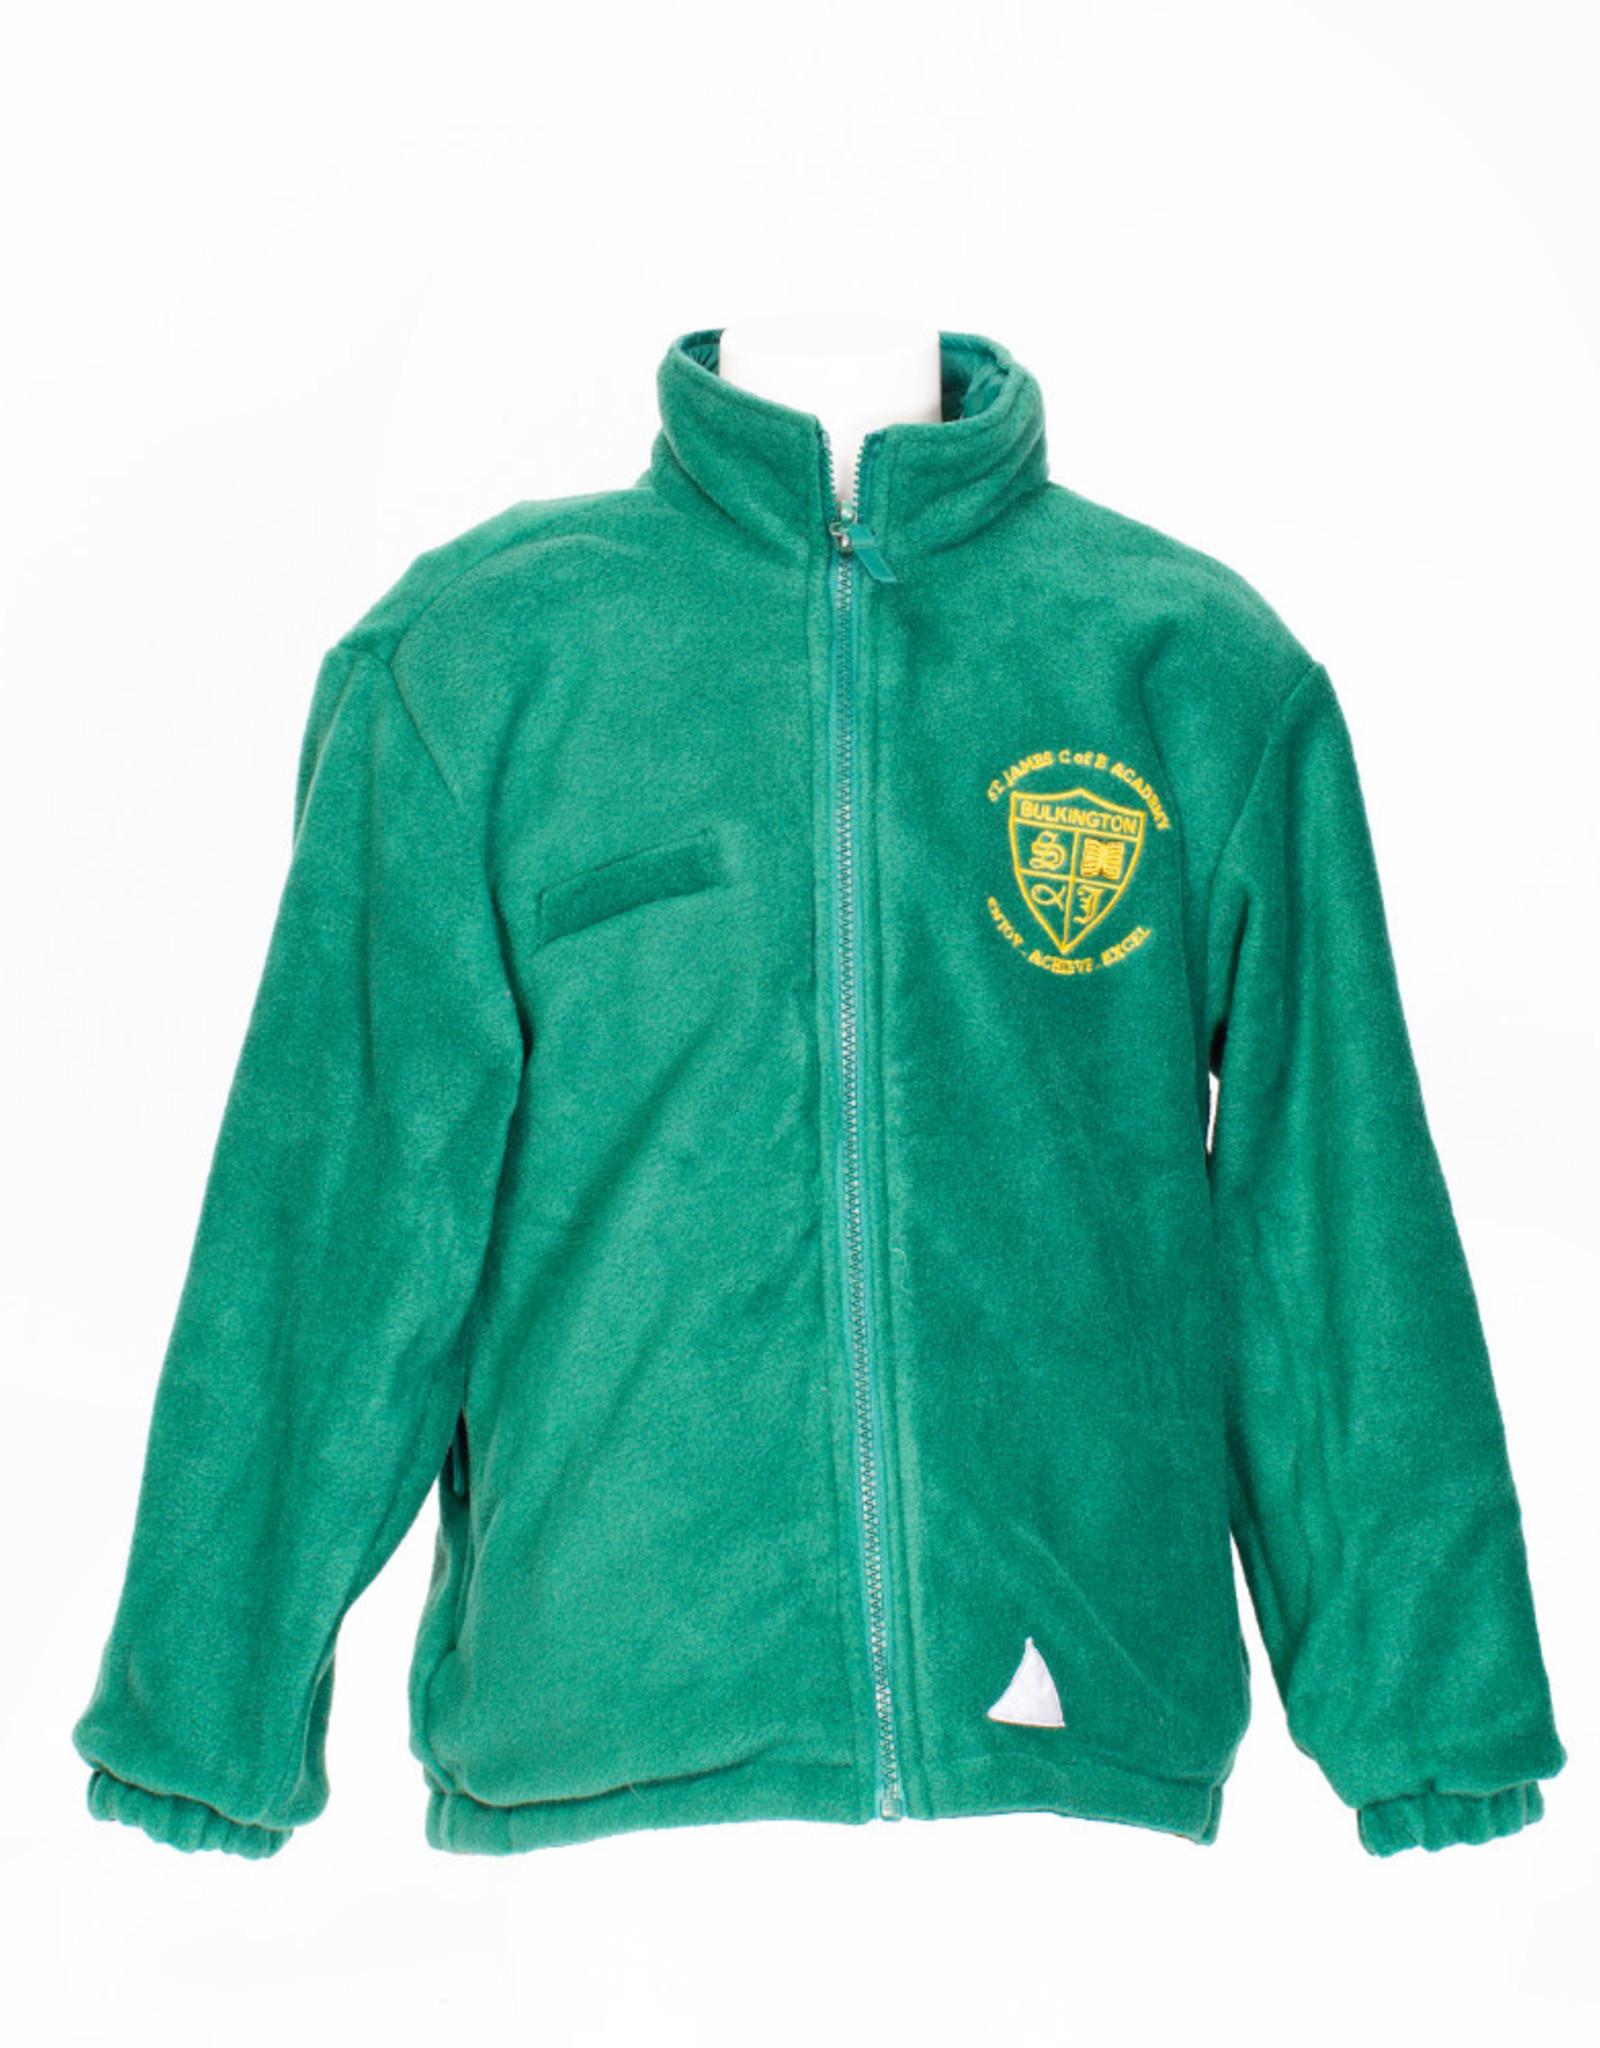 POLAR Fleece Child Size - St James CE Academy